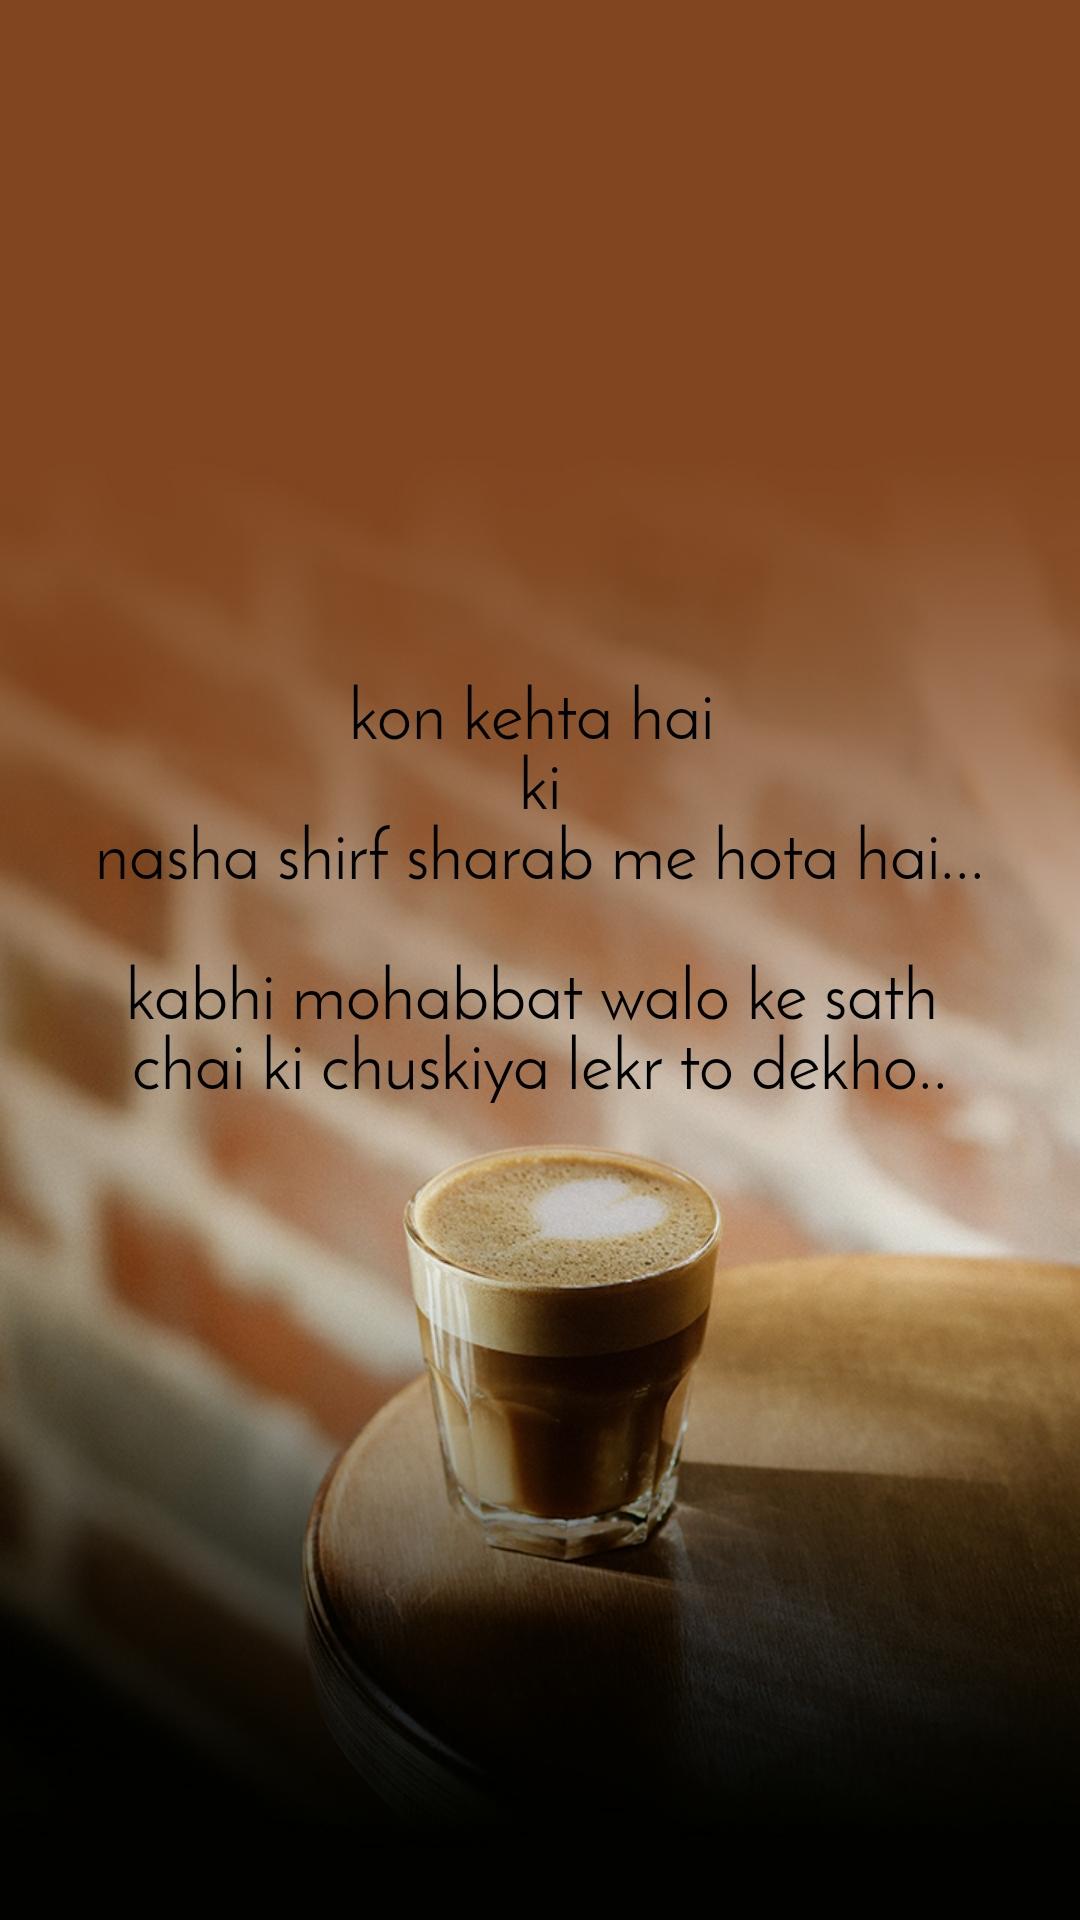 kon kehta hai  ki nasha shirf sharab me hota hai...  kabhi mohabbat walo ke sath  chai ki chuskiya lekr to dekho..